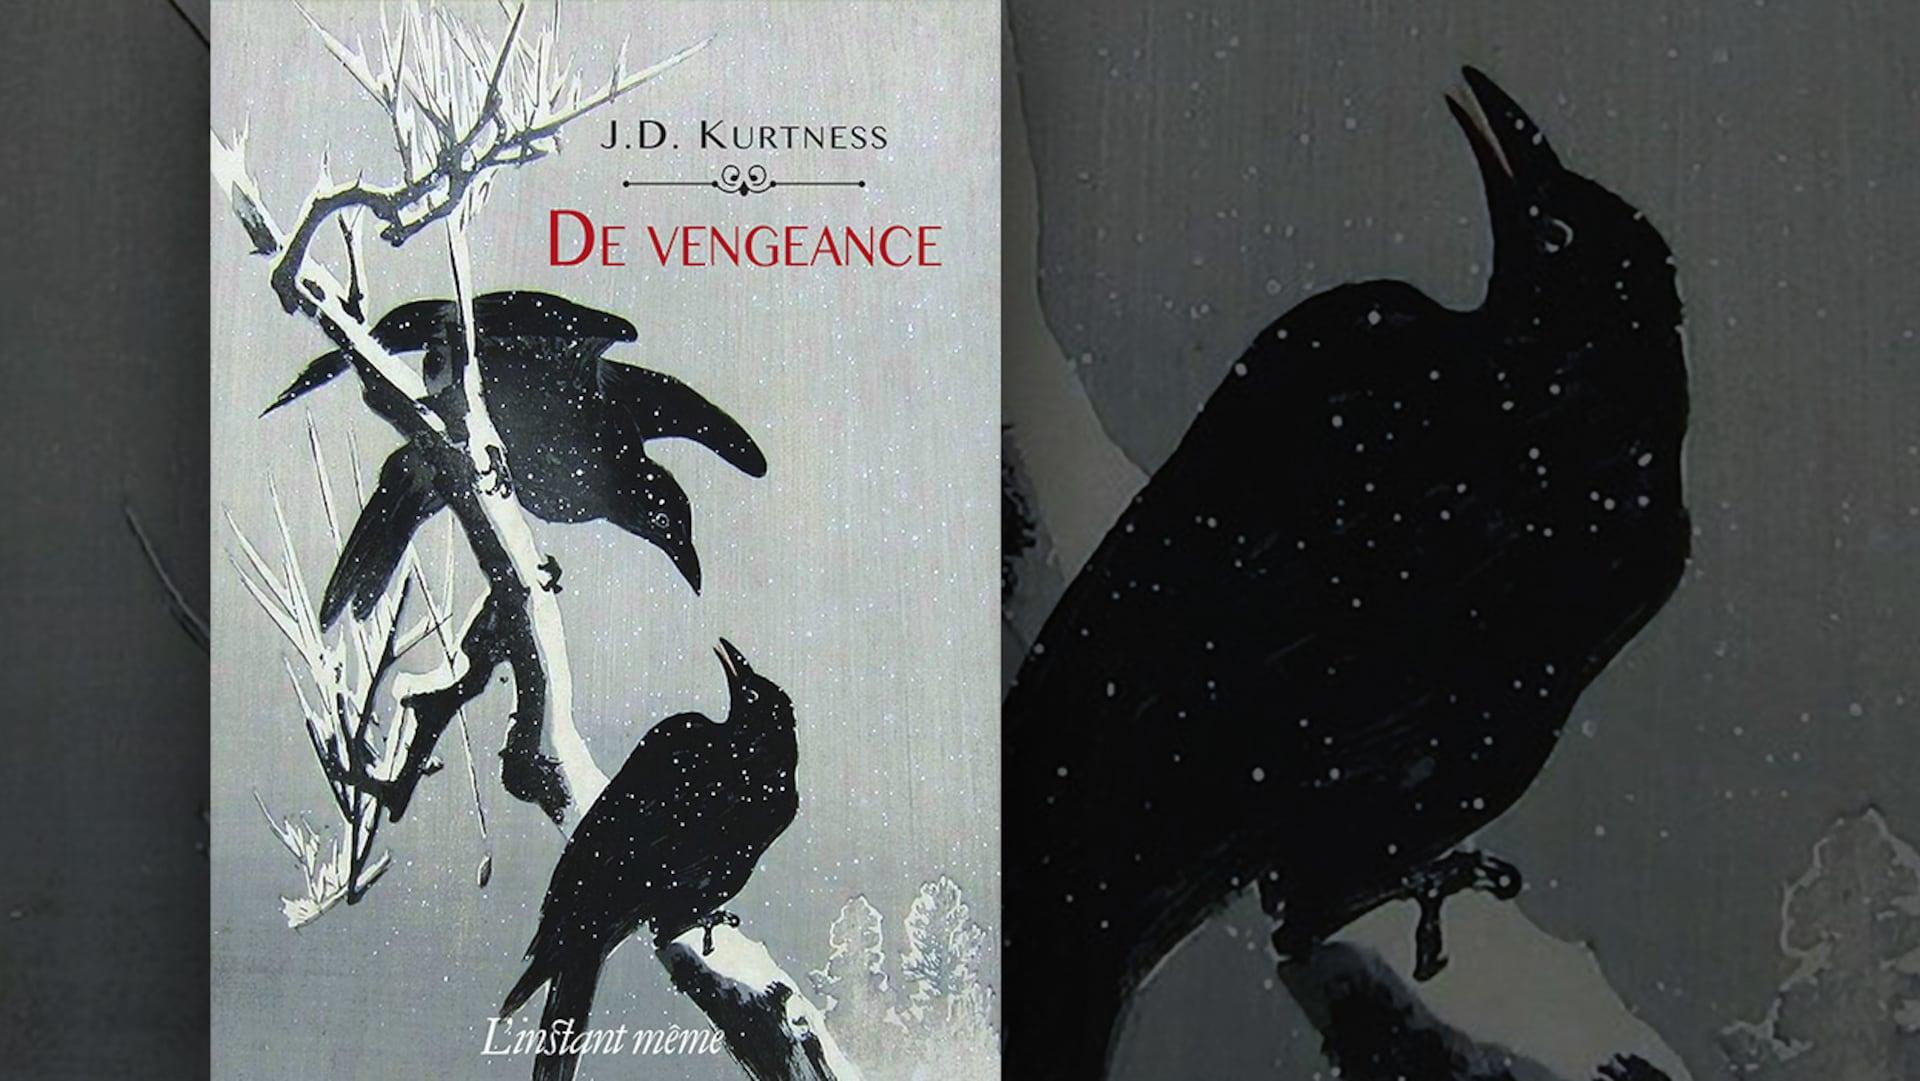 La couverture du livre «De vengeance» de J. D. Kurtness : une illustration représentant deux corbeaux sur une branche givrée.